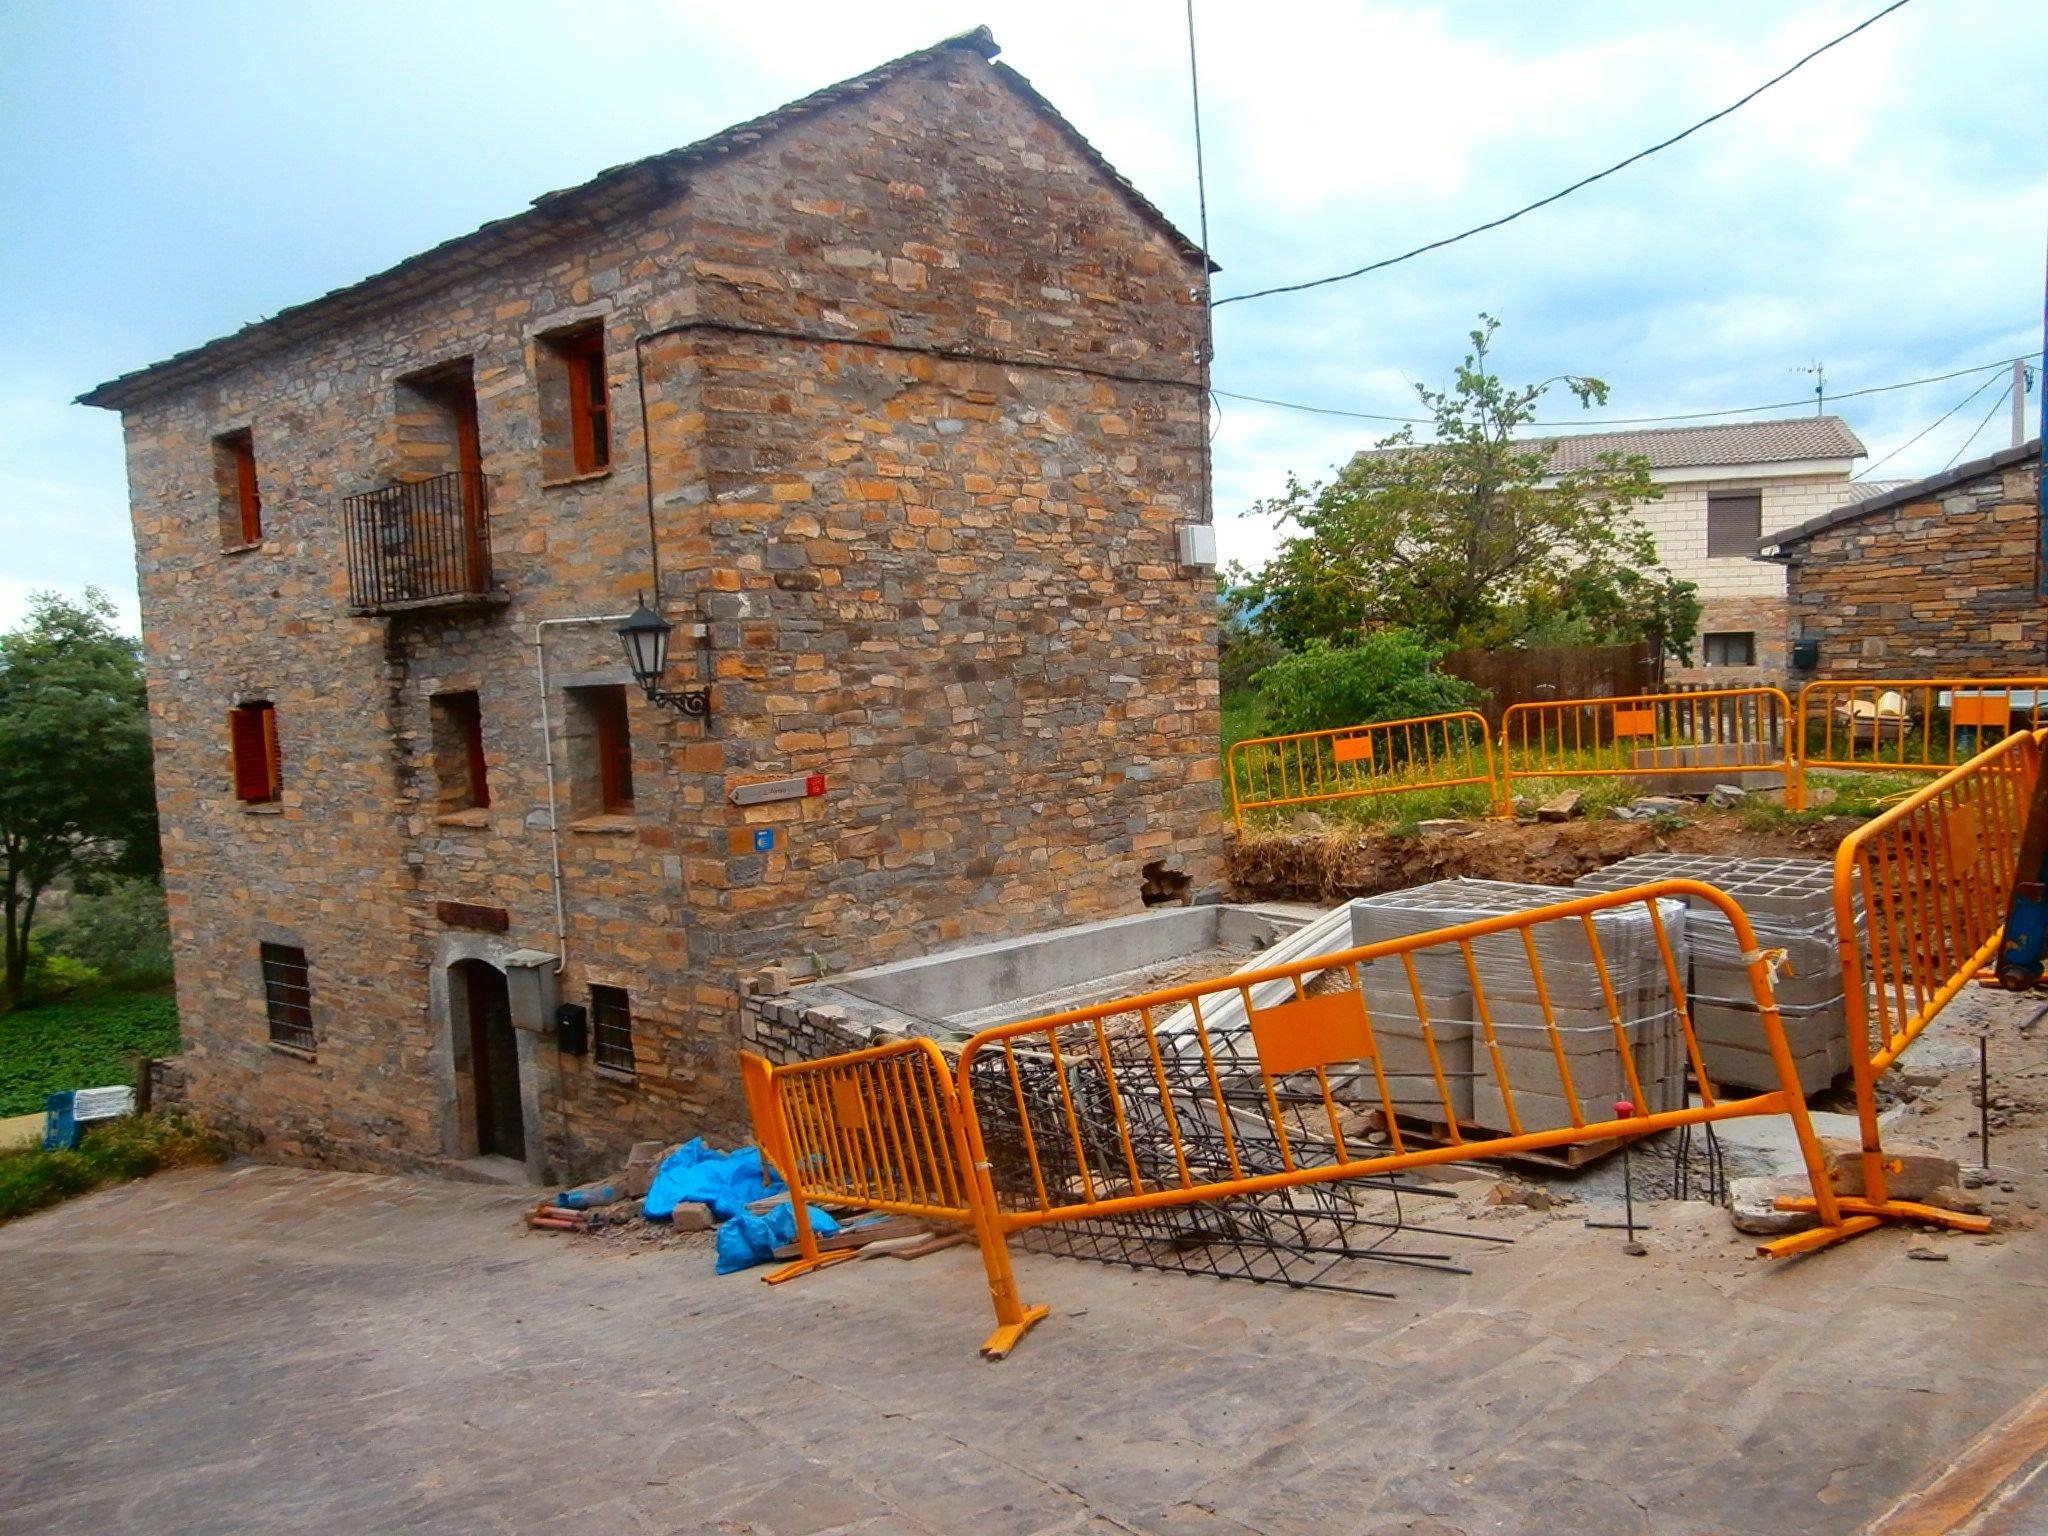 Ayuntamiento El Pueyo de Araguás